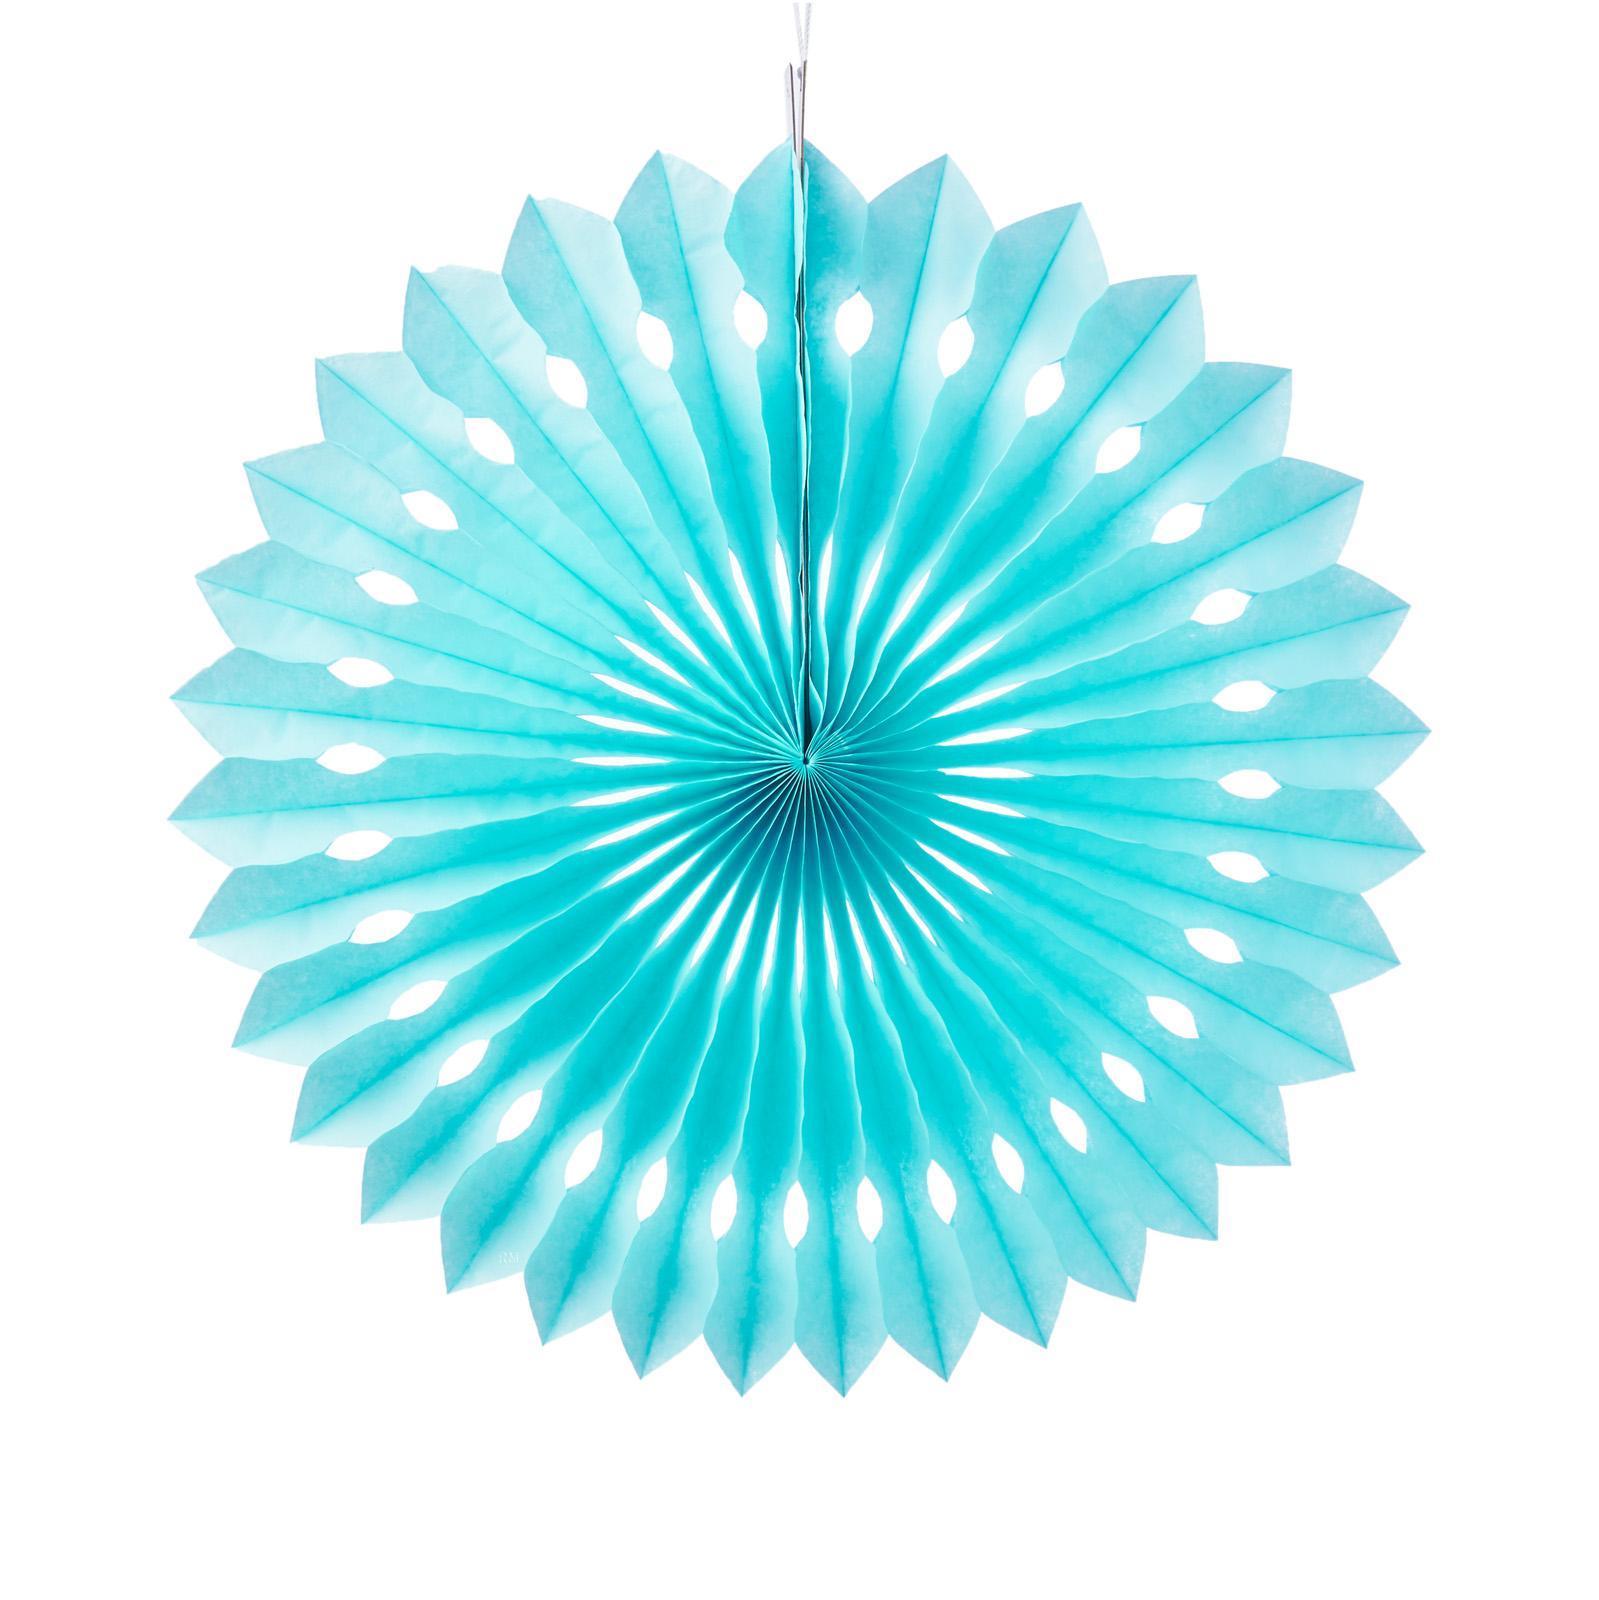 Misty Daydream Pinwheel Paper Flower Fans (Cut-Out)(Medium 30cm)(13 - Light Blue)